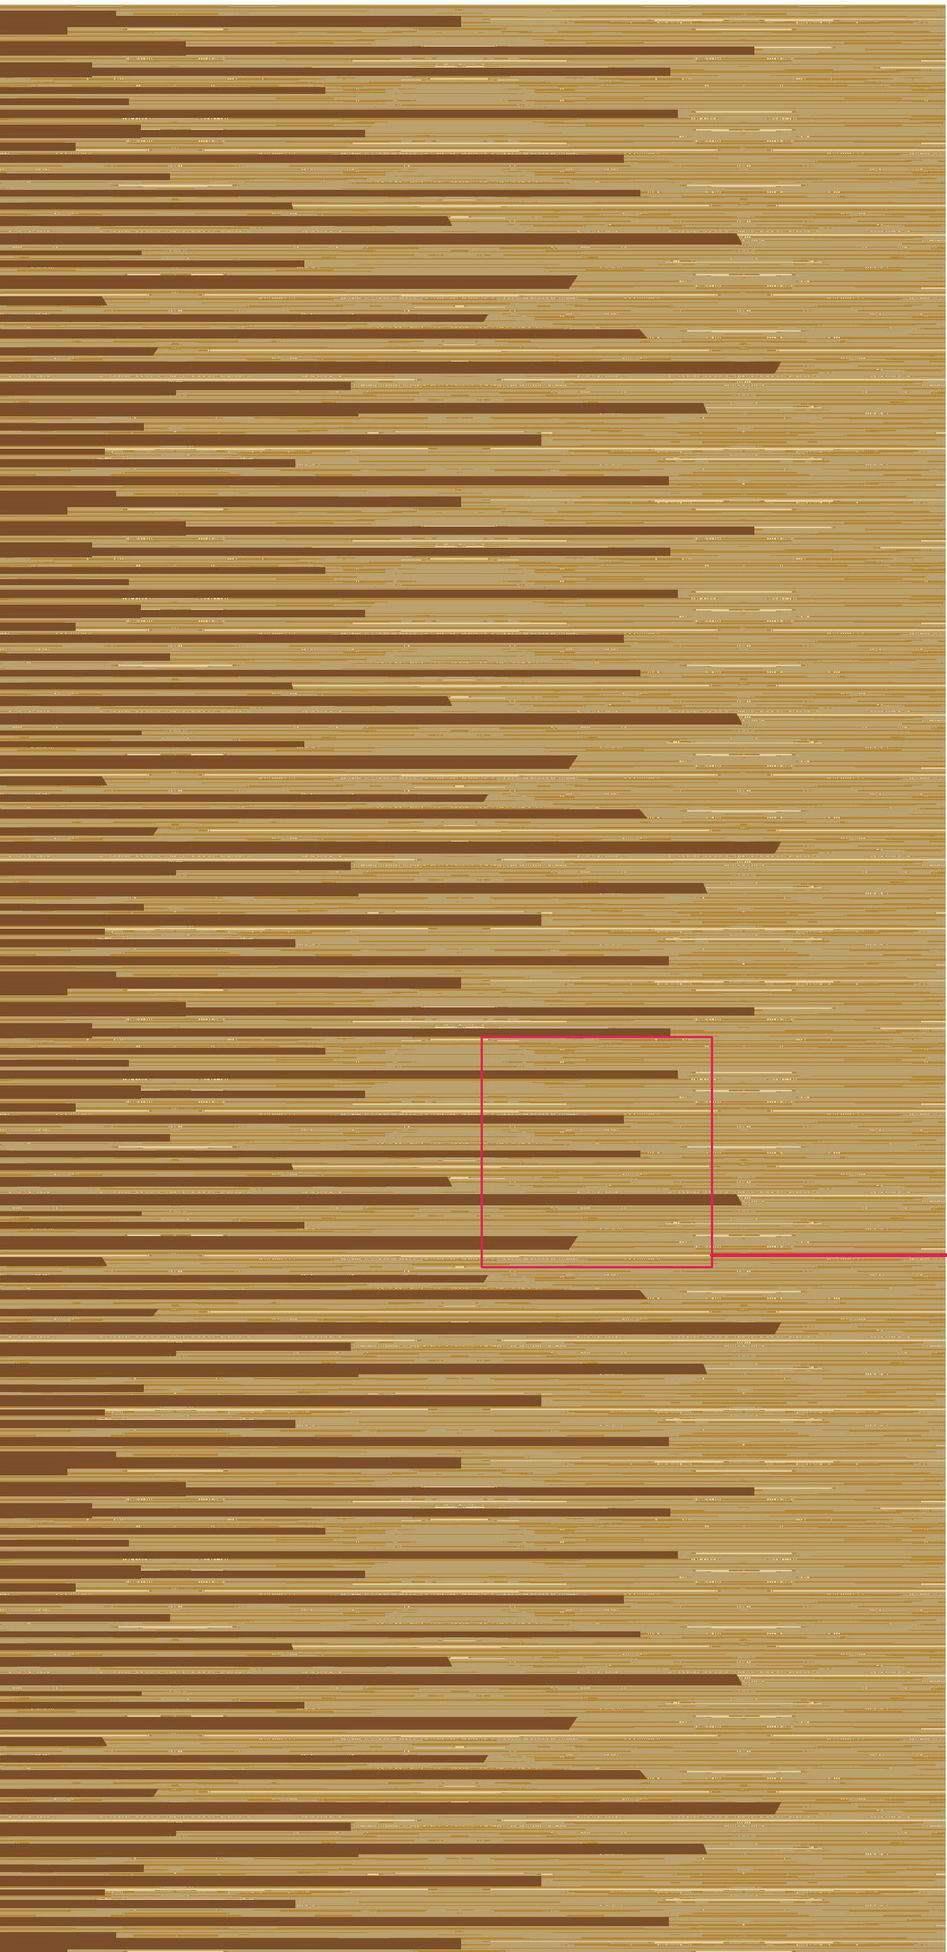 郑中(CCD)--专用地毯高清大图161P_走廊 HCP301.jpg